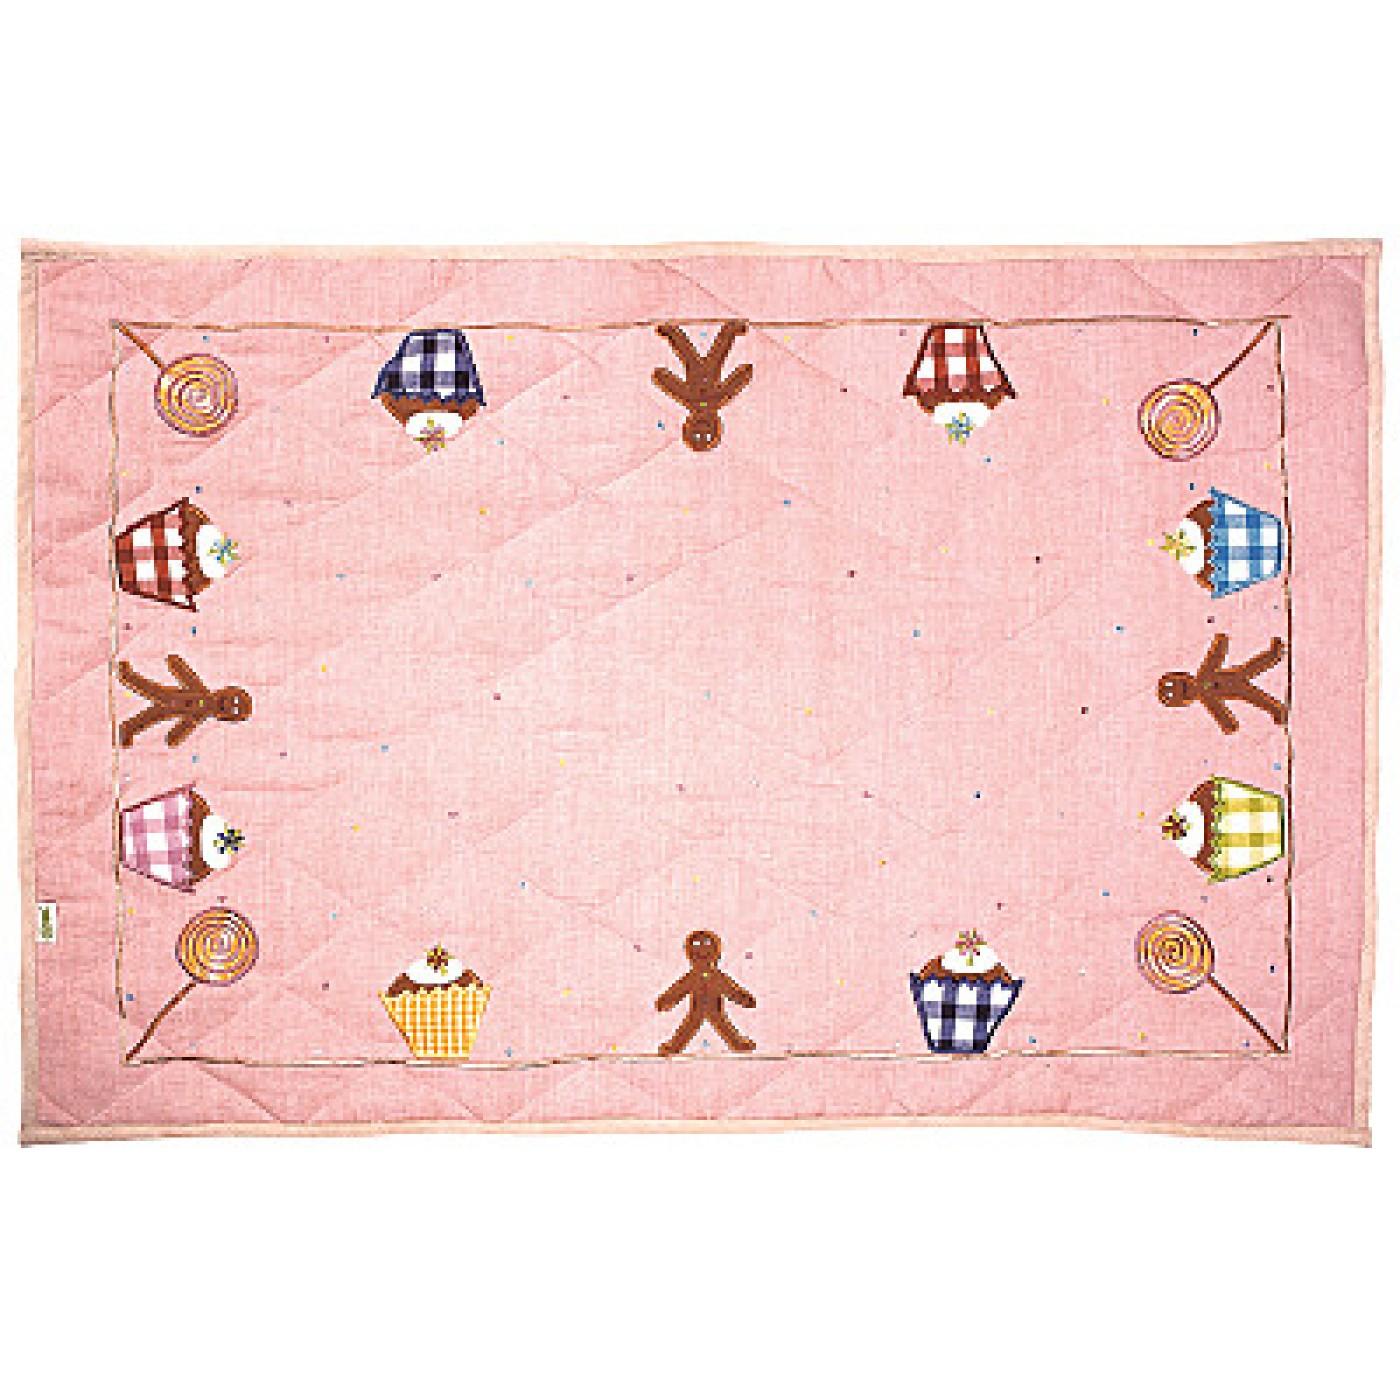 Gingerbread Cottage Floor Quilt - Large